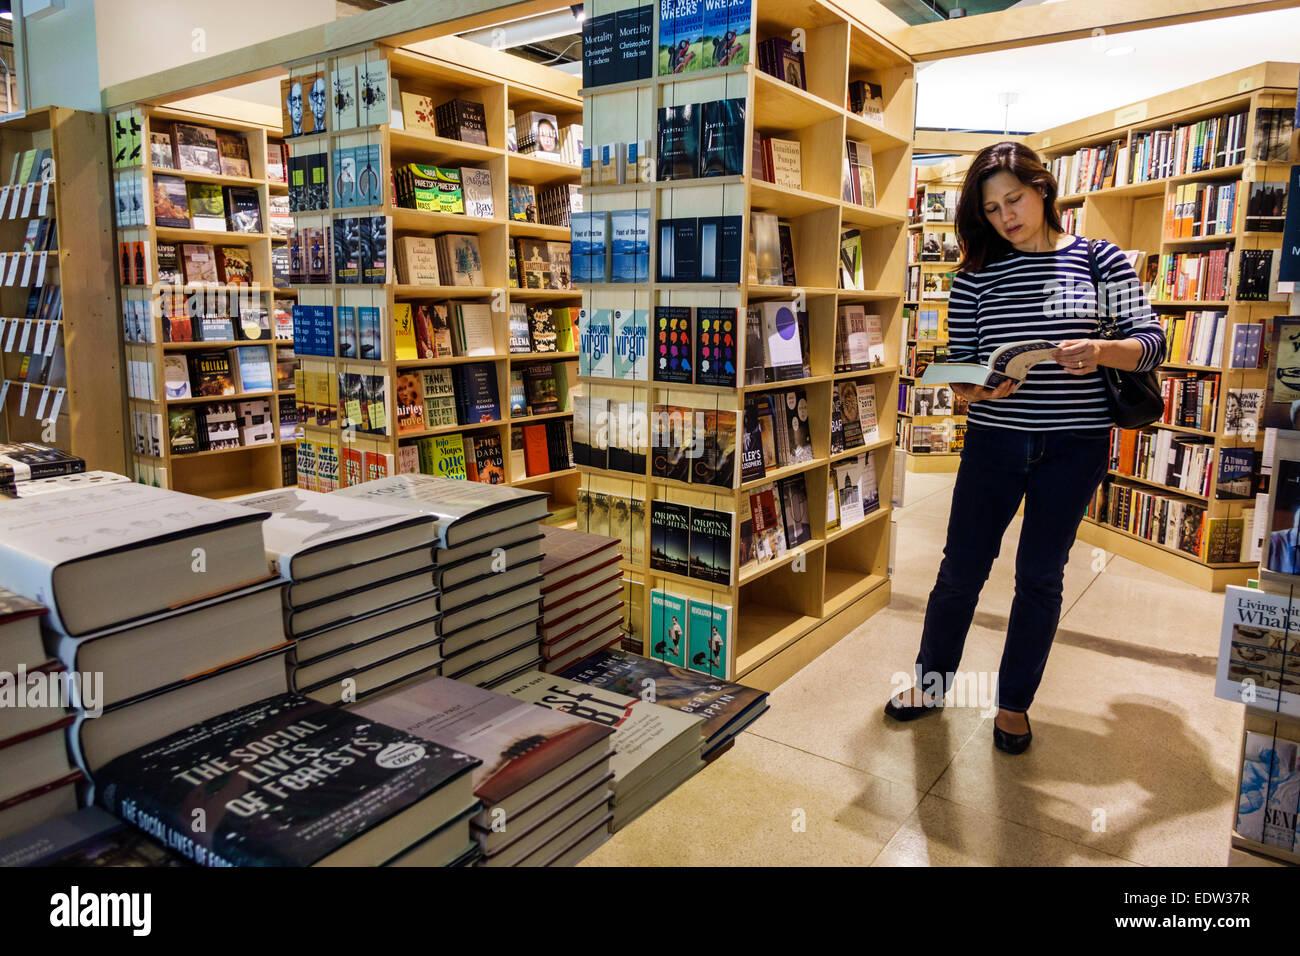 illinois-il-midwest-chicago-hyde-park-campus-university-of-chicago-the-seminary-co-op-bookstores-college-buchhandlung-inneneinrichtung-bucher-verkauf-tex-edw37r.jpg